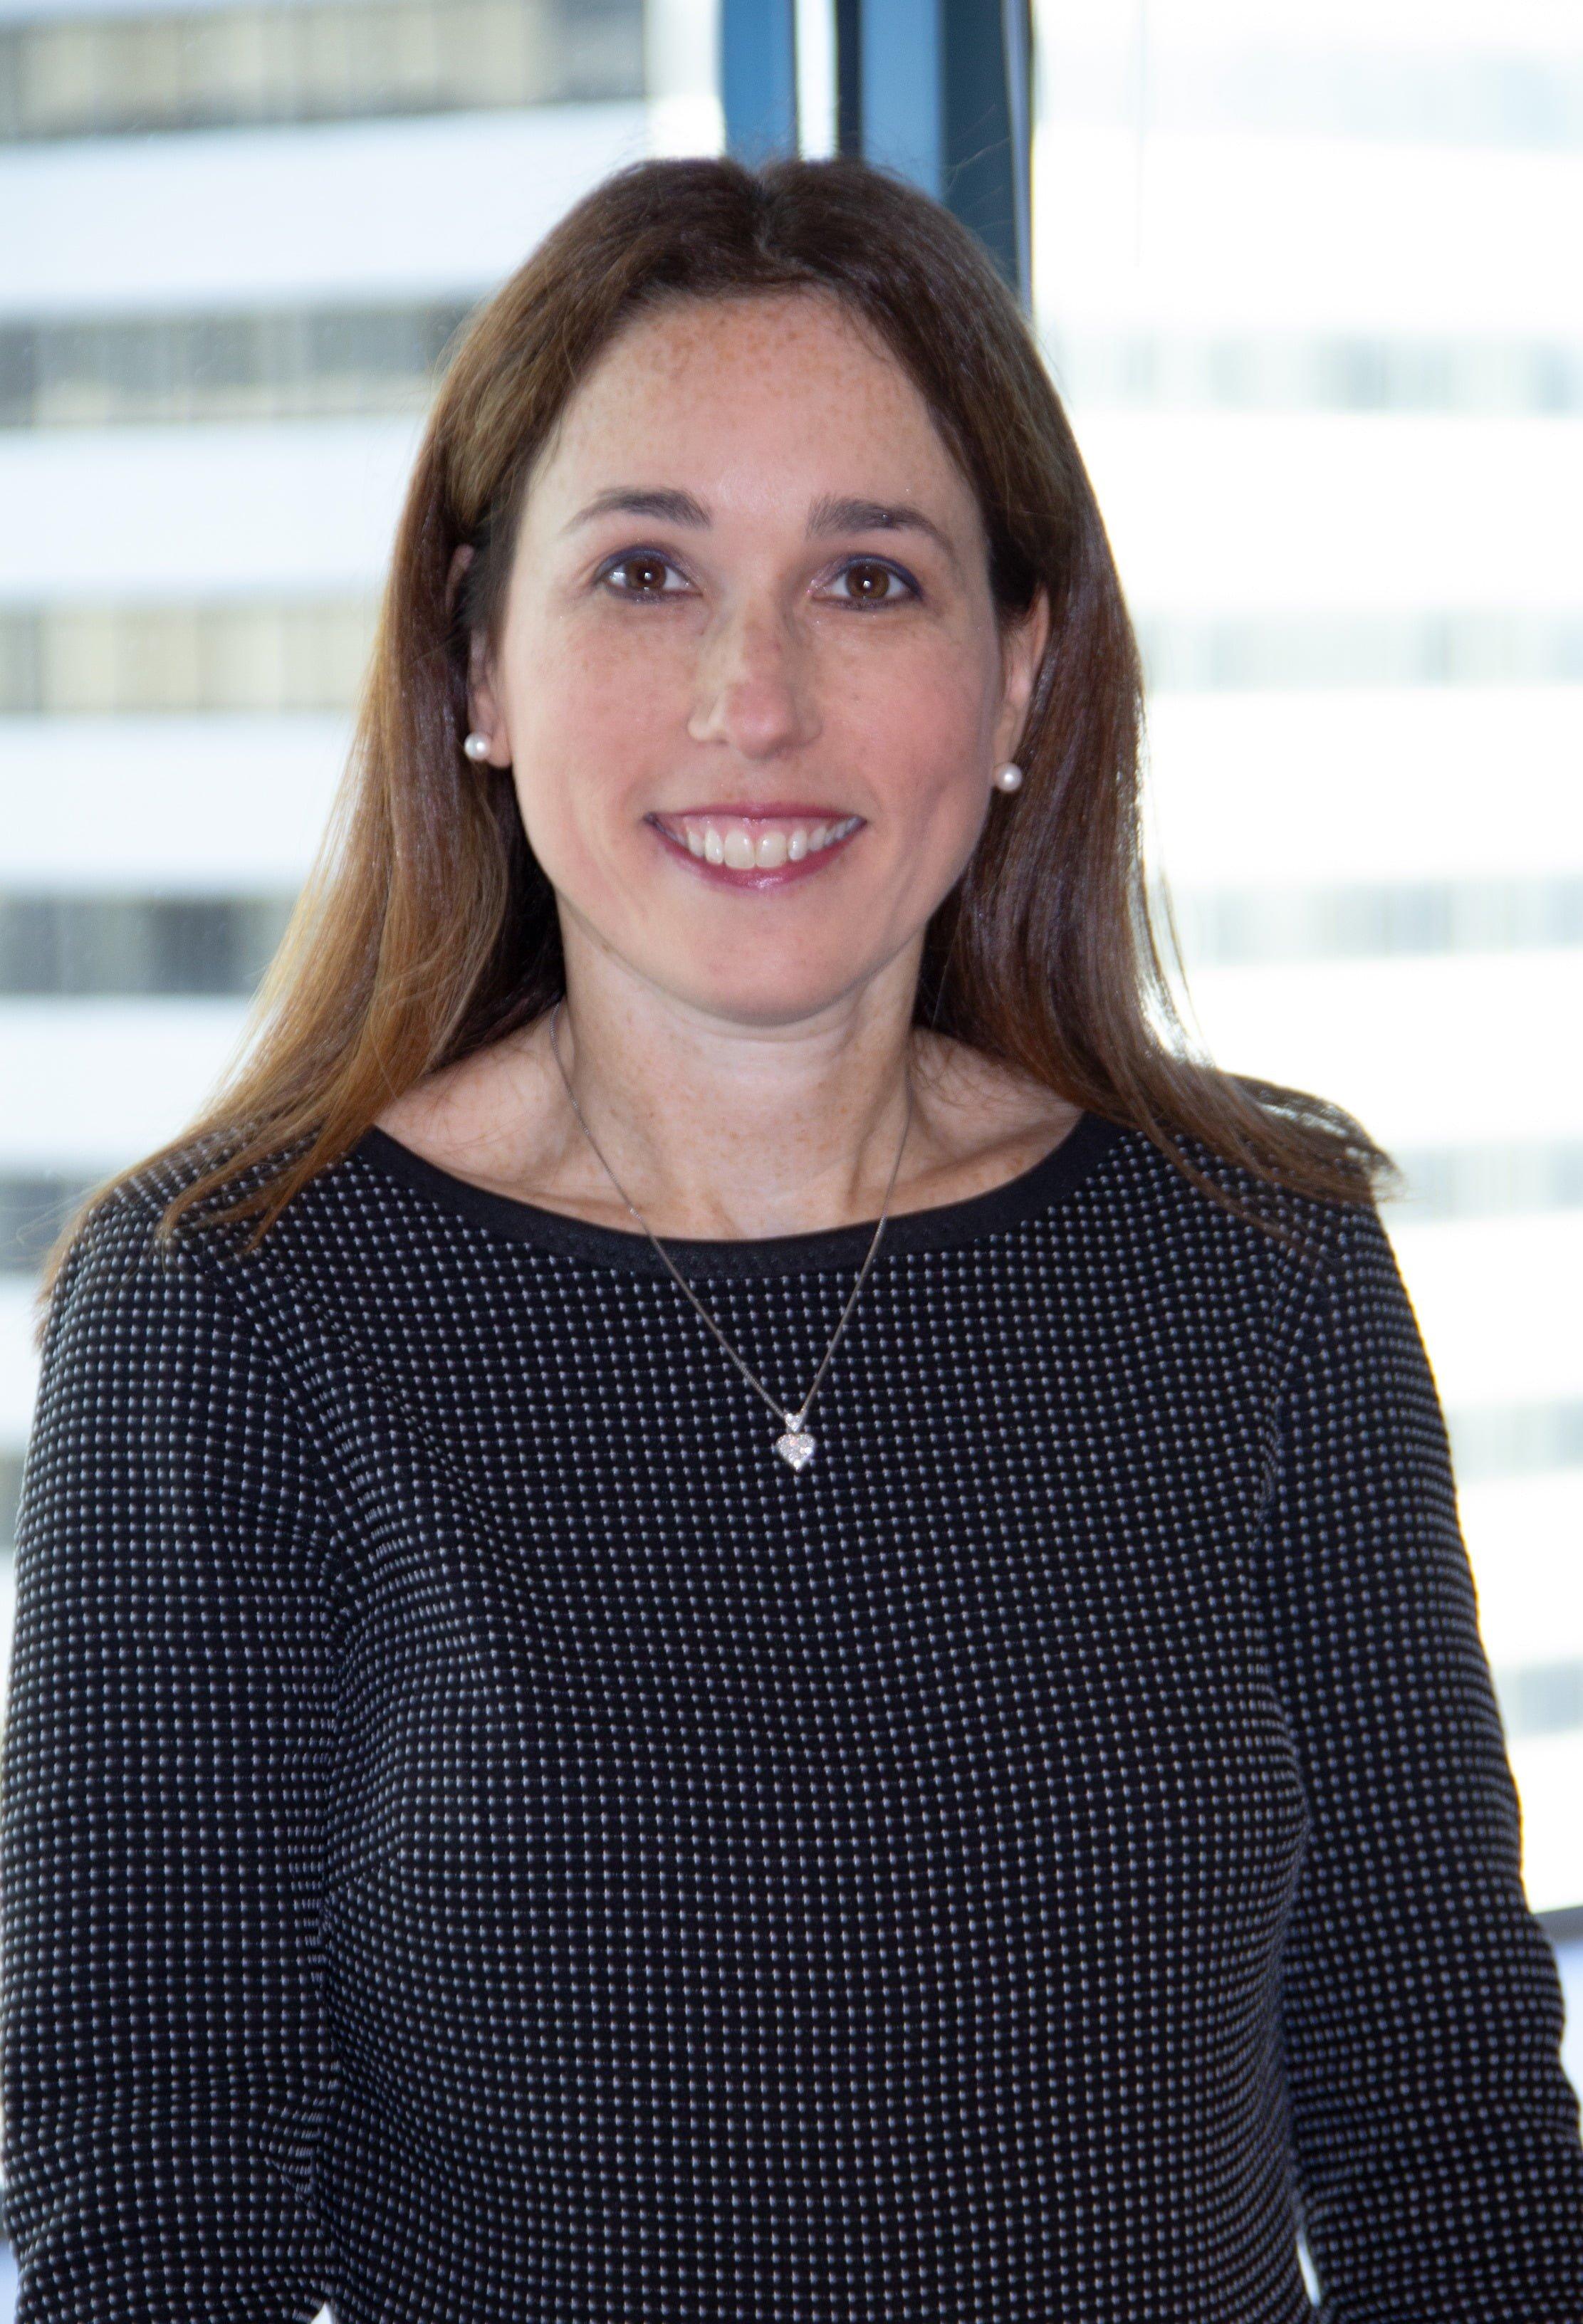 Karrie Goldstein Headshot 1